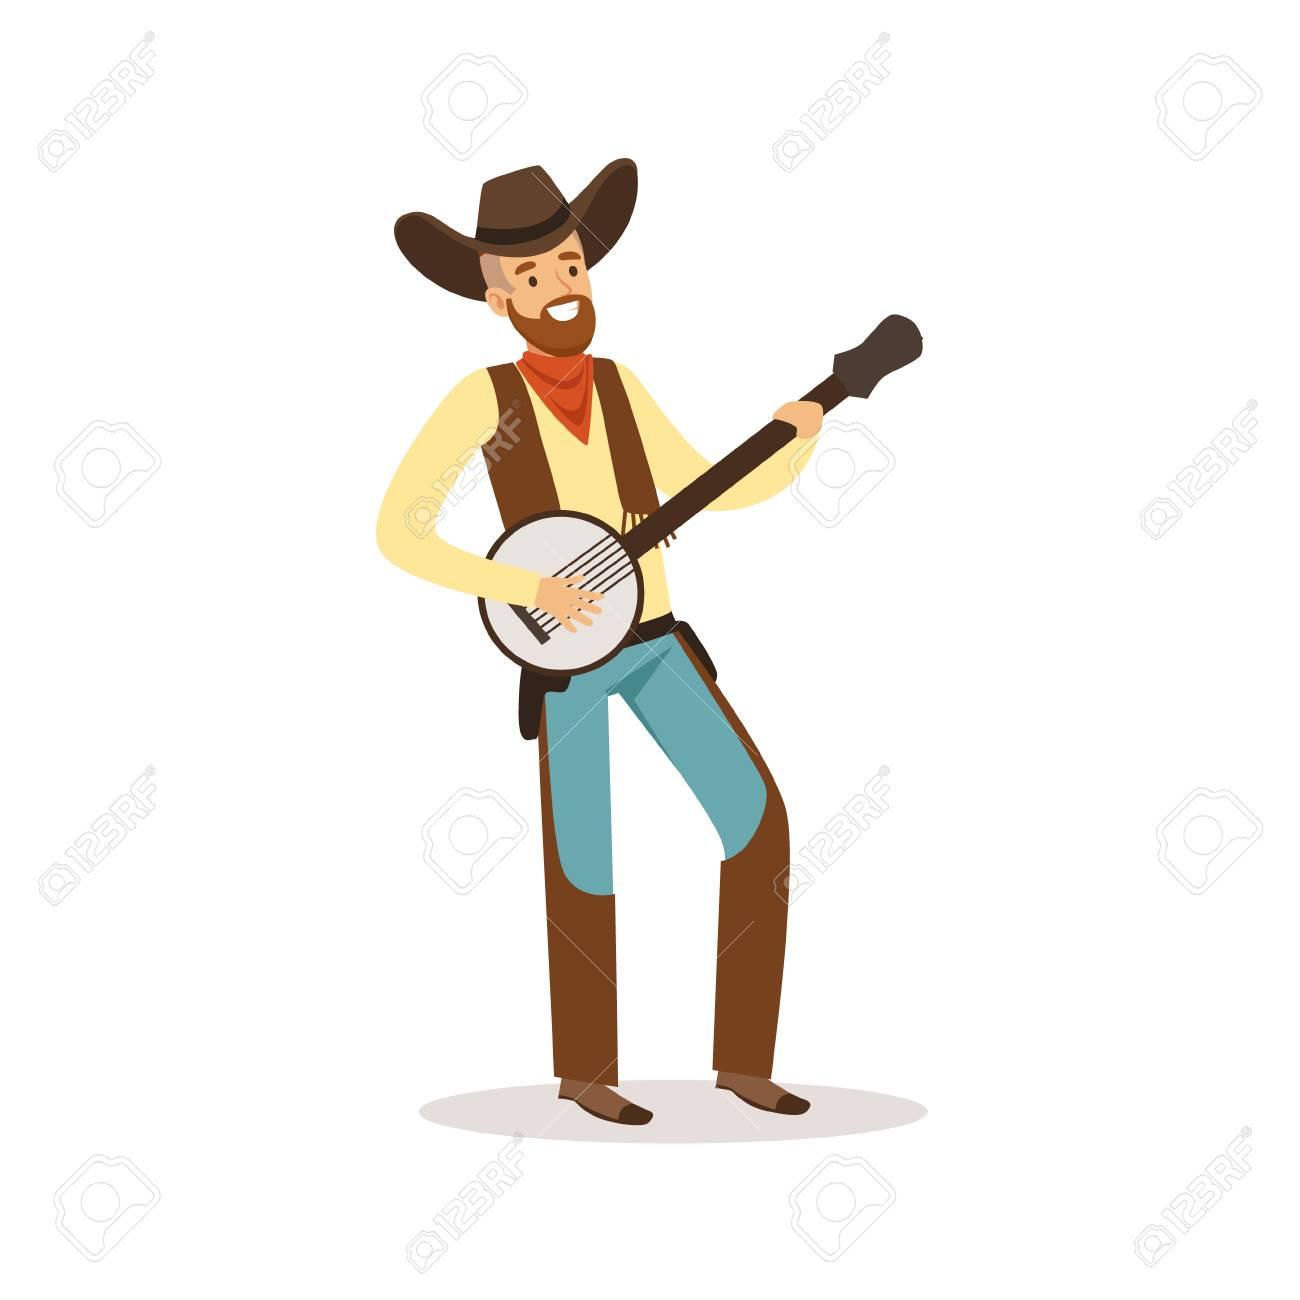 Smiling cowboy playing banjo western cartoon character vector...